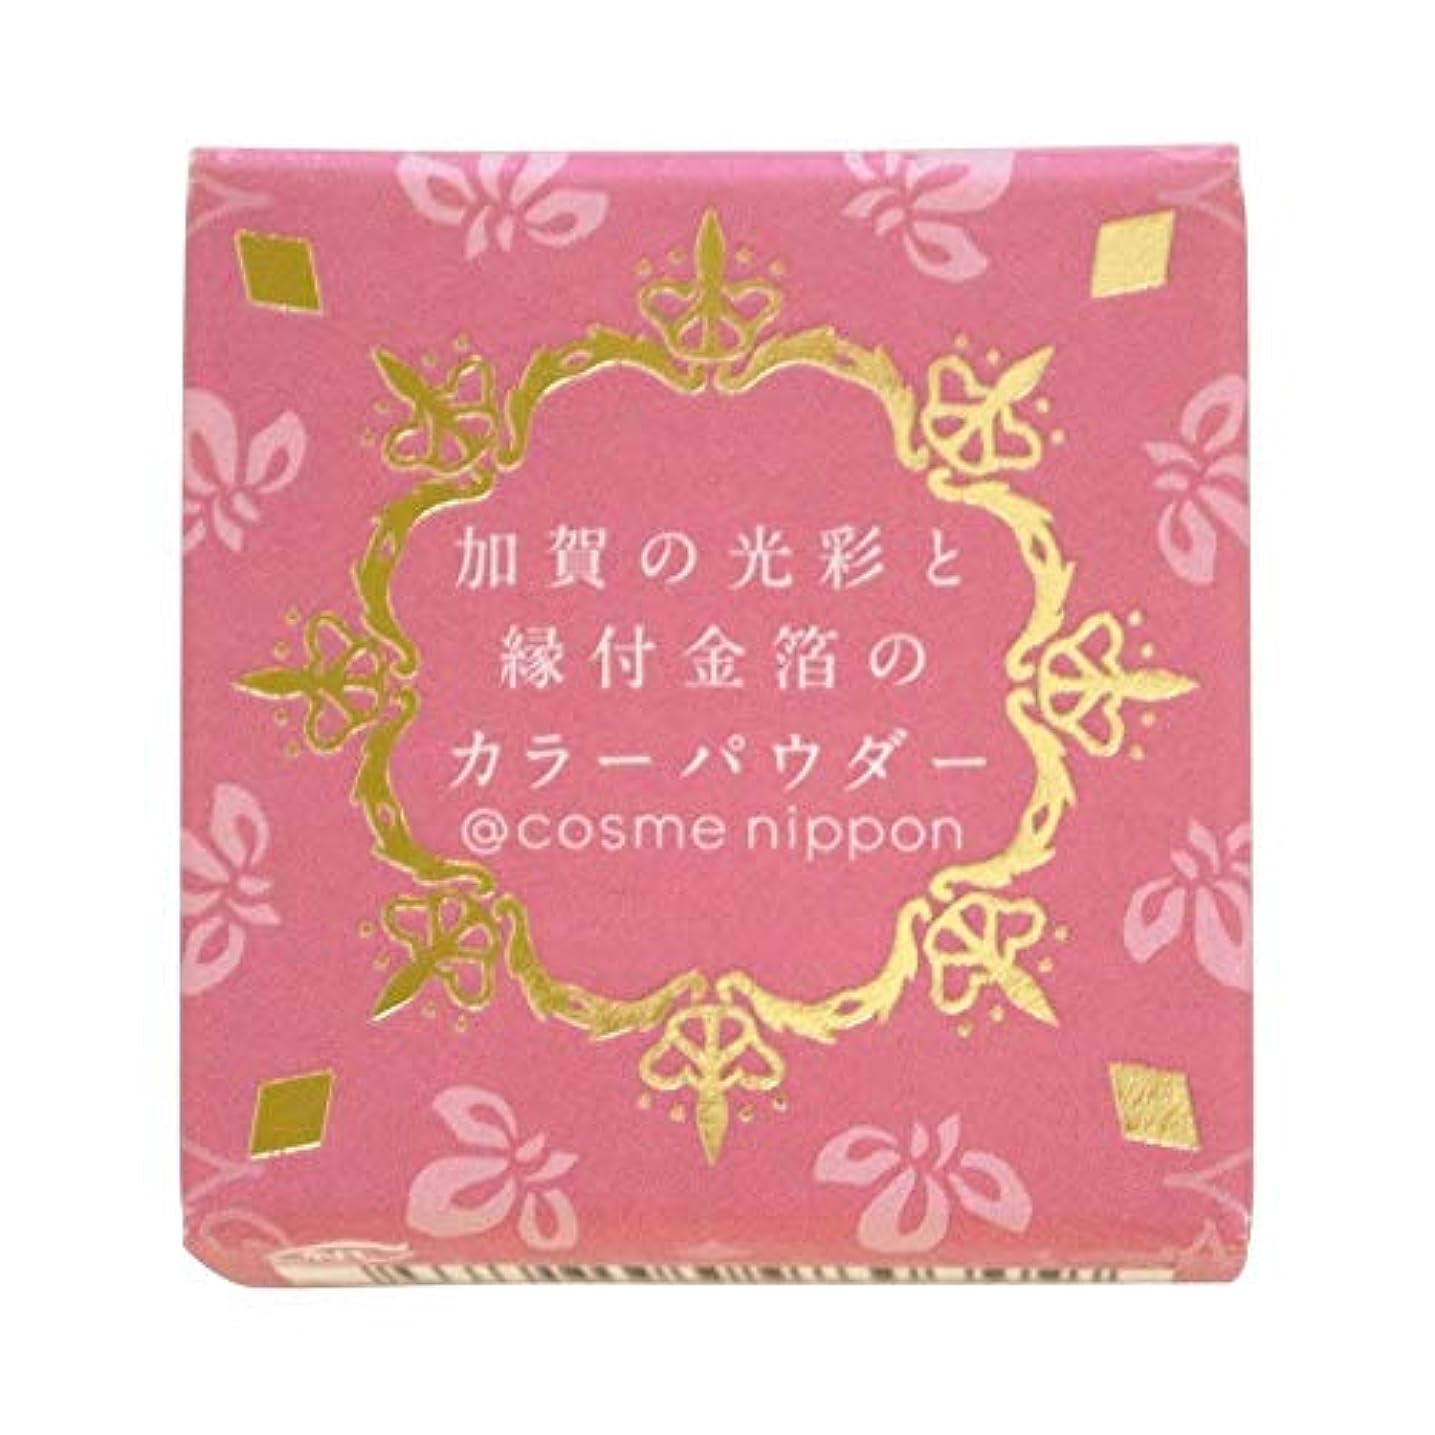 つまずく宗教検出友禅工芸 すずらん加賀の光彩と縁付け金箔のカラーパウダー06古代紫こだいむらさき